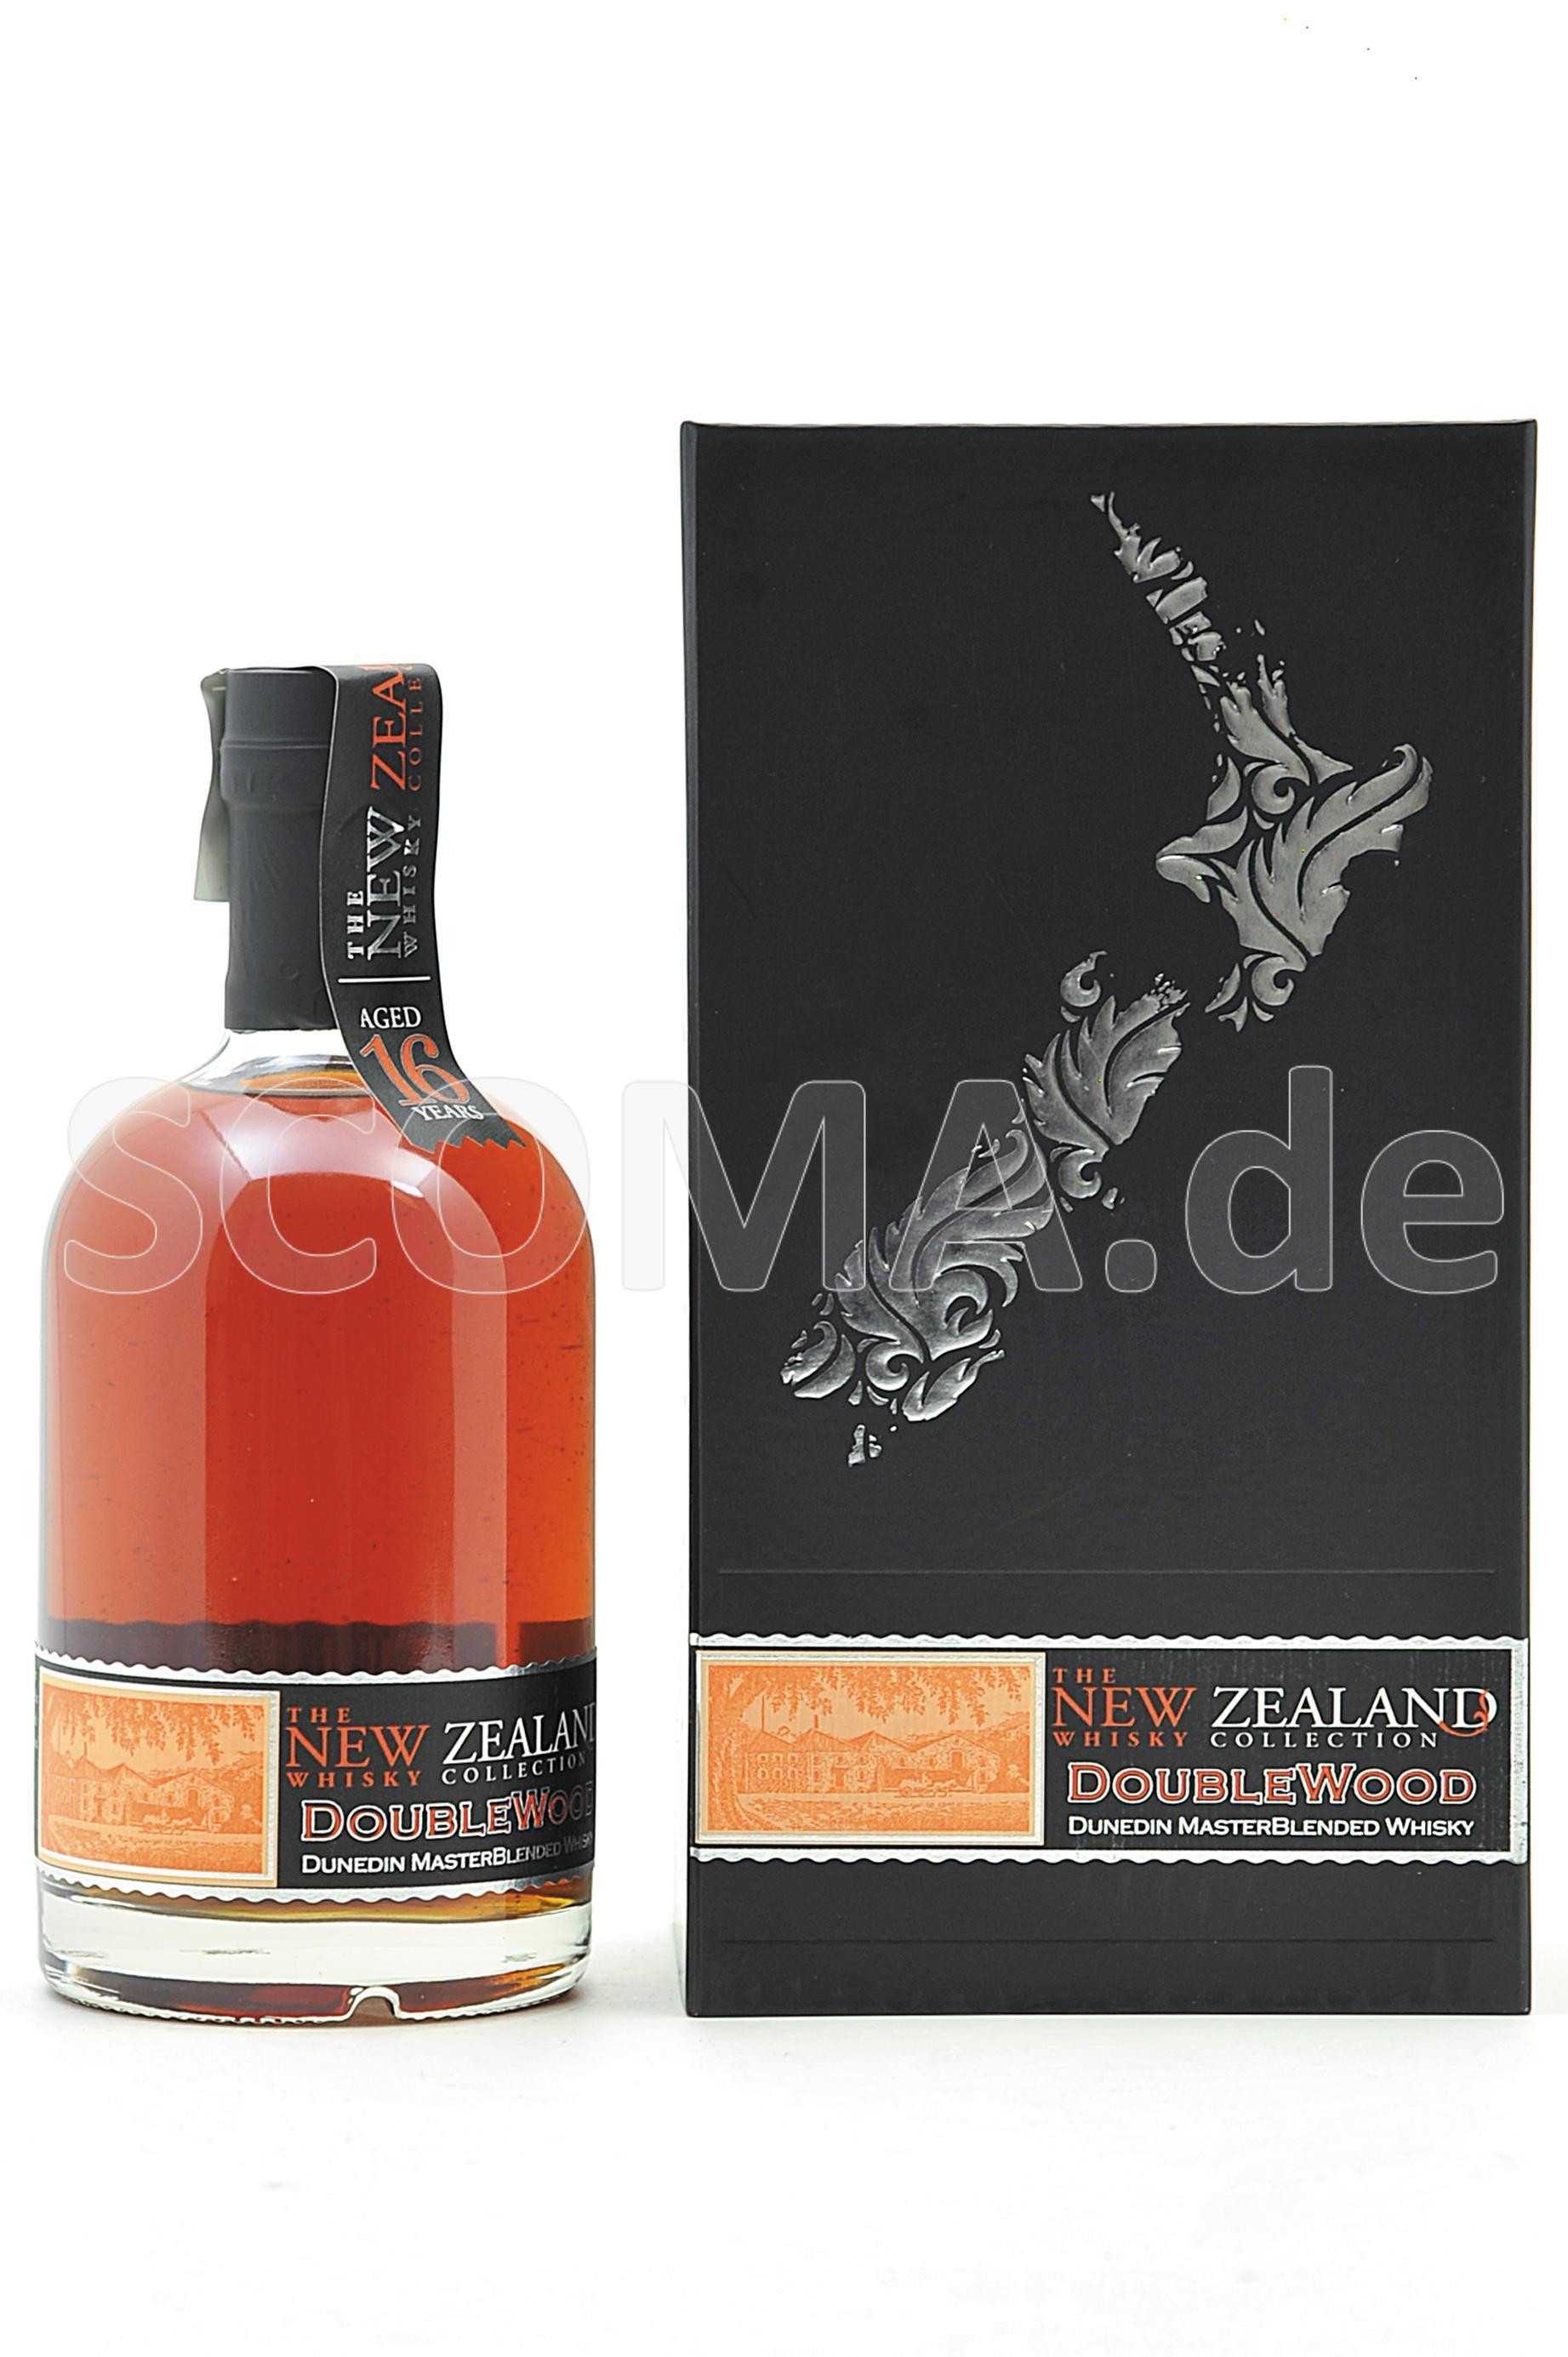 New Zealand Whisky Company Dou...